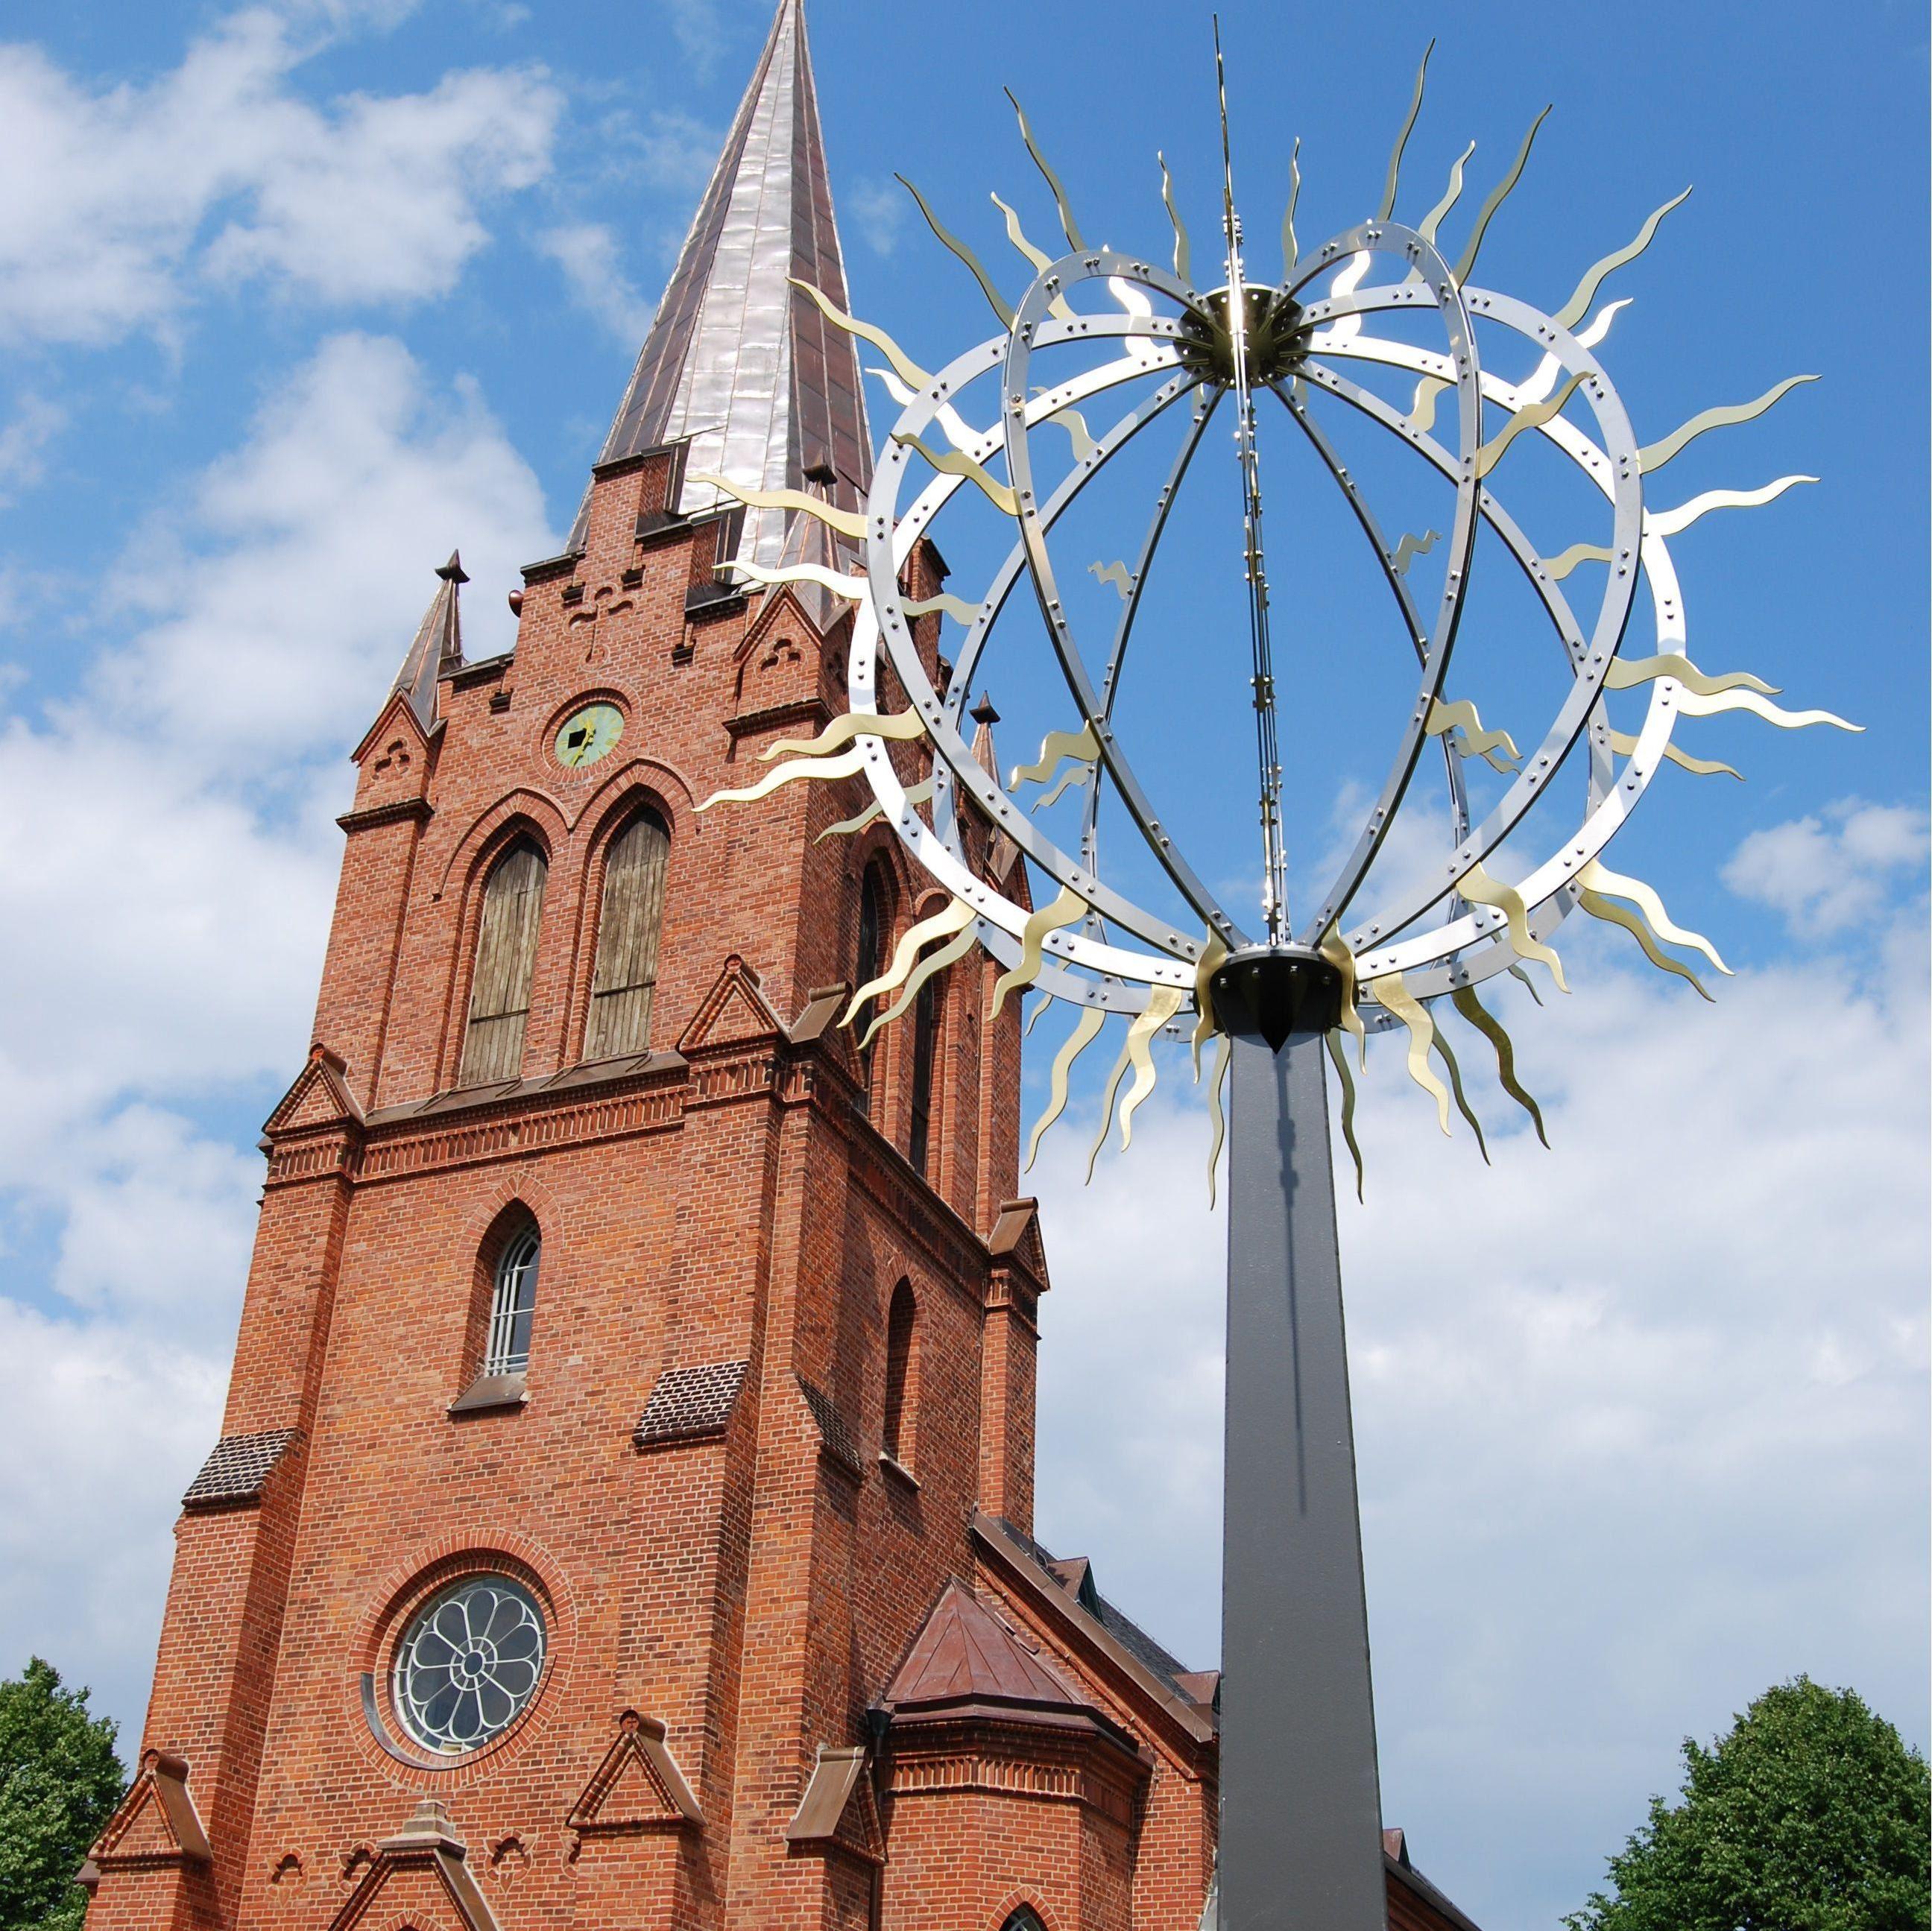 Foto: Turistbyrån Landskrona - Ven, Tycho Brahe-museet